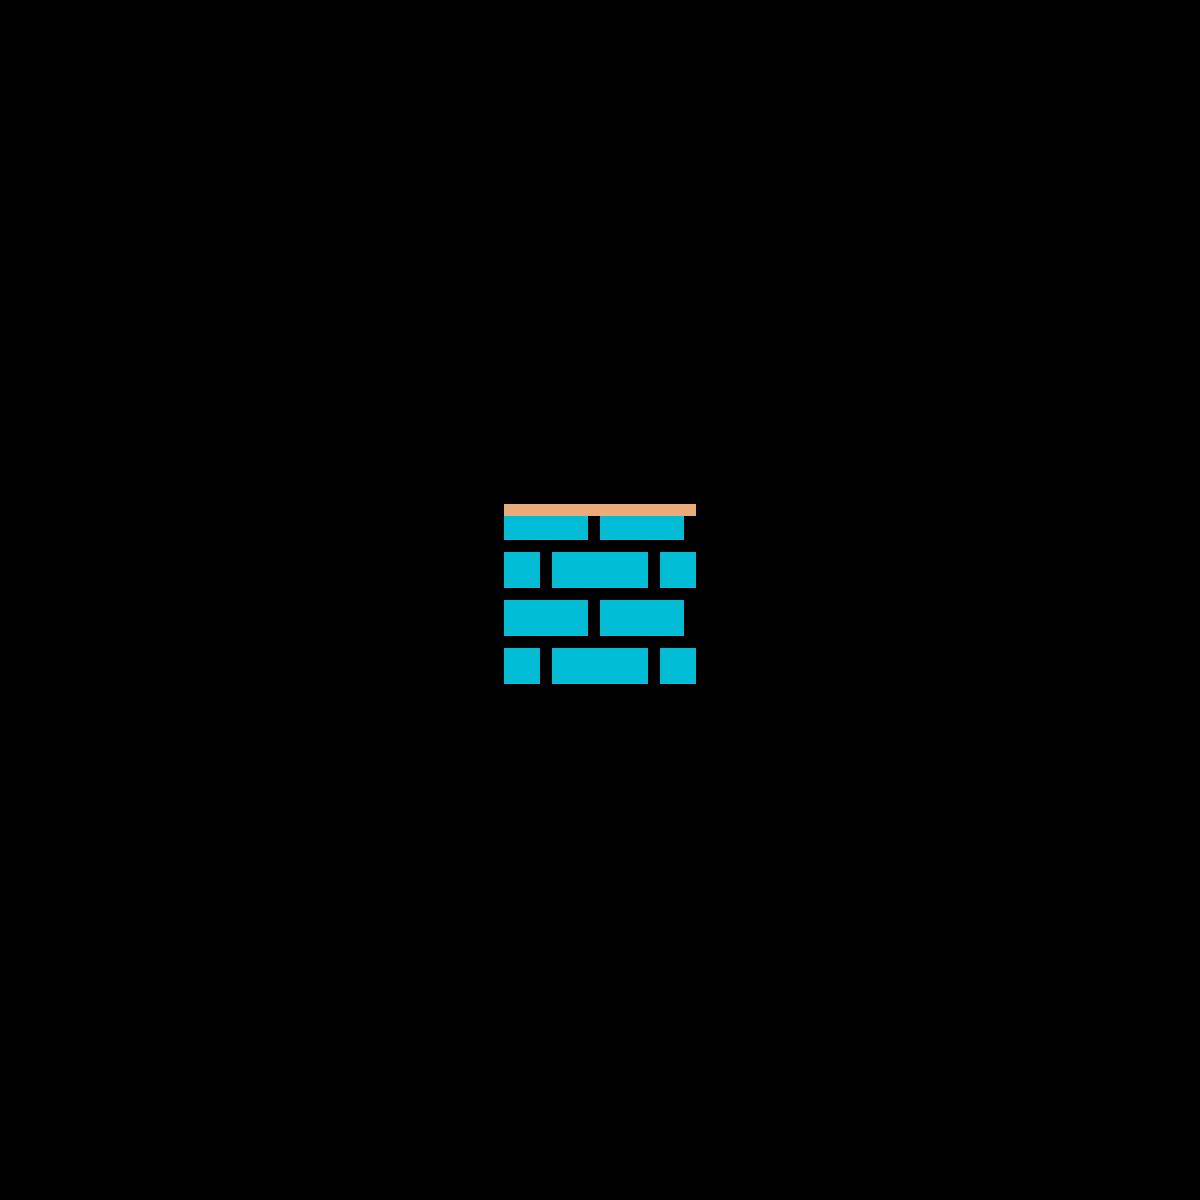 brick block by grashilikemerch